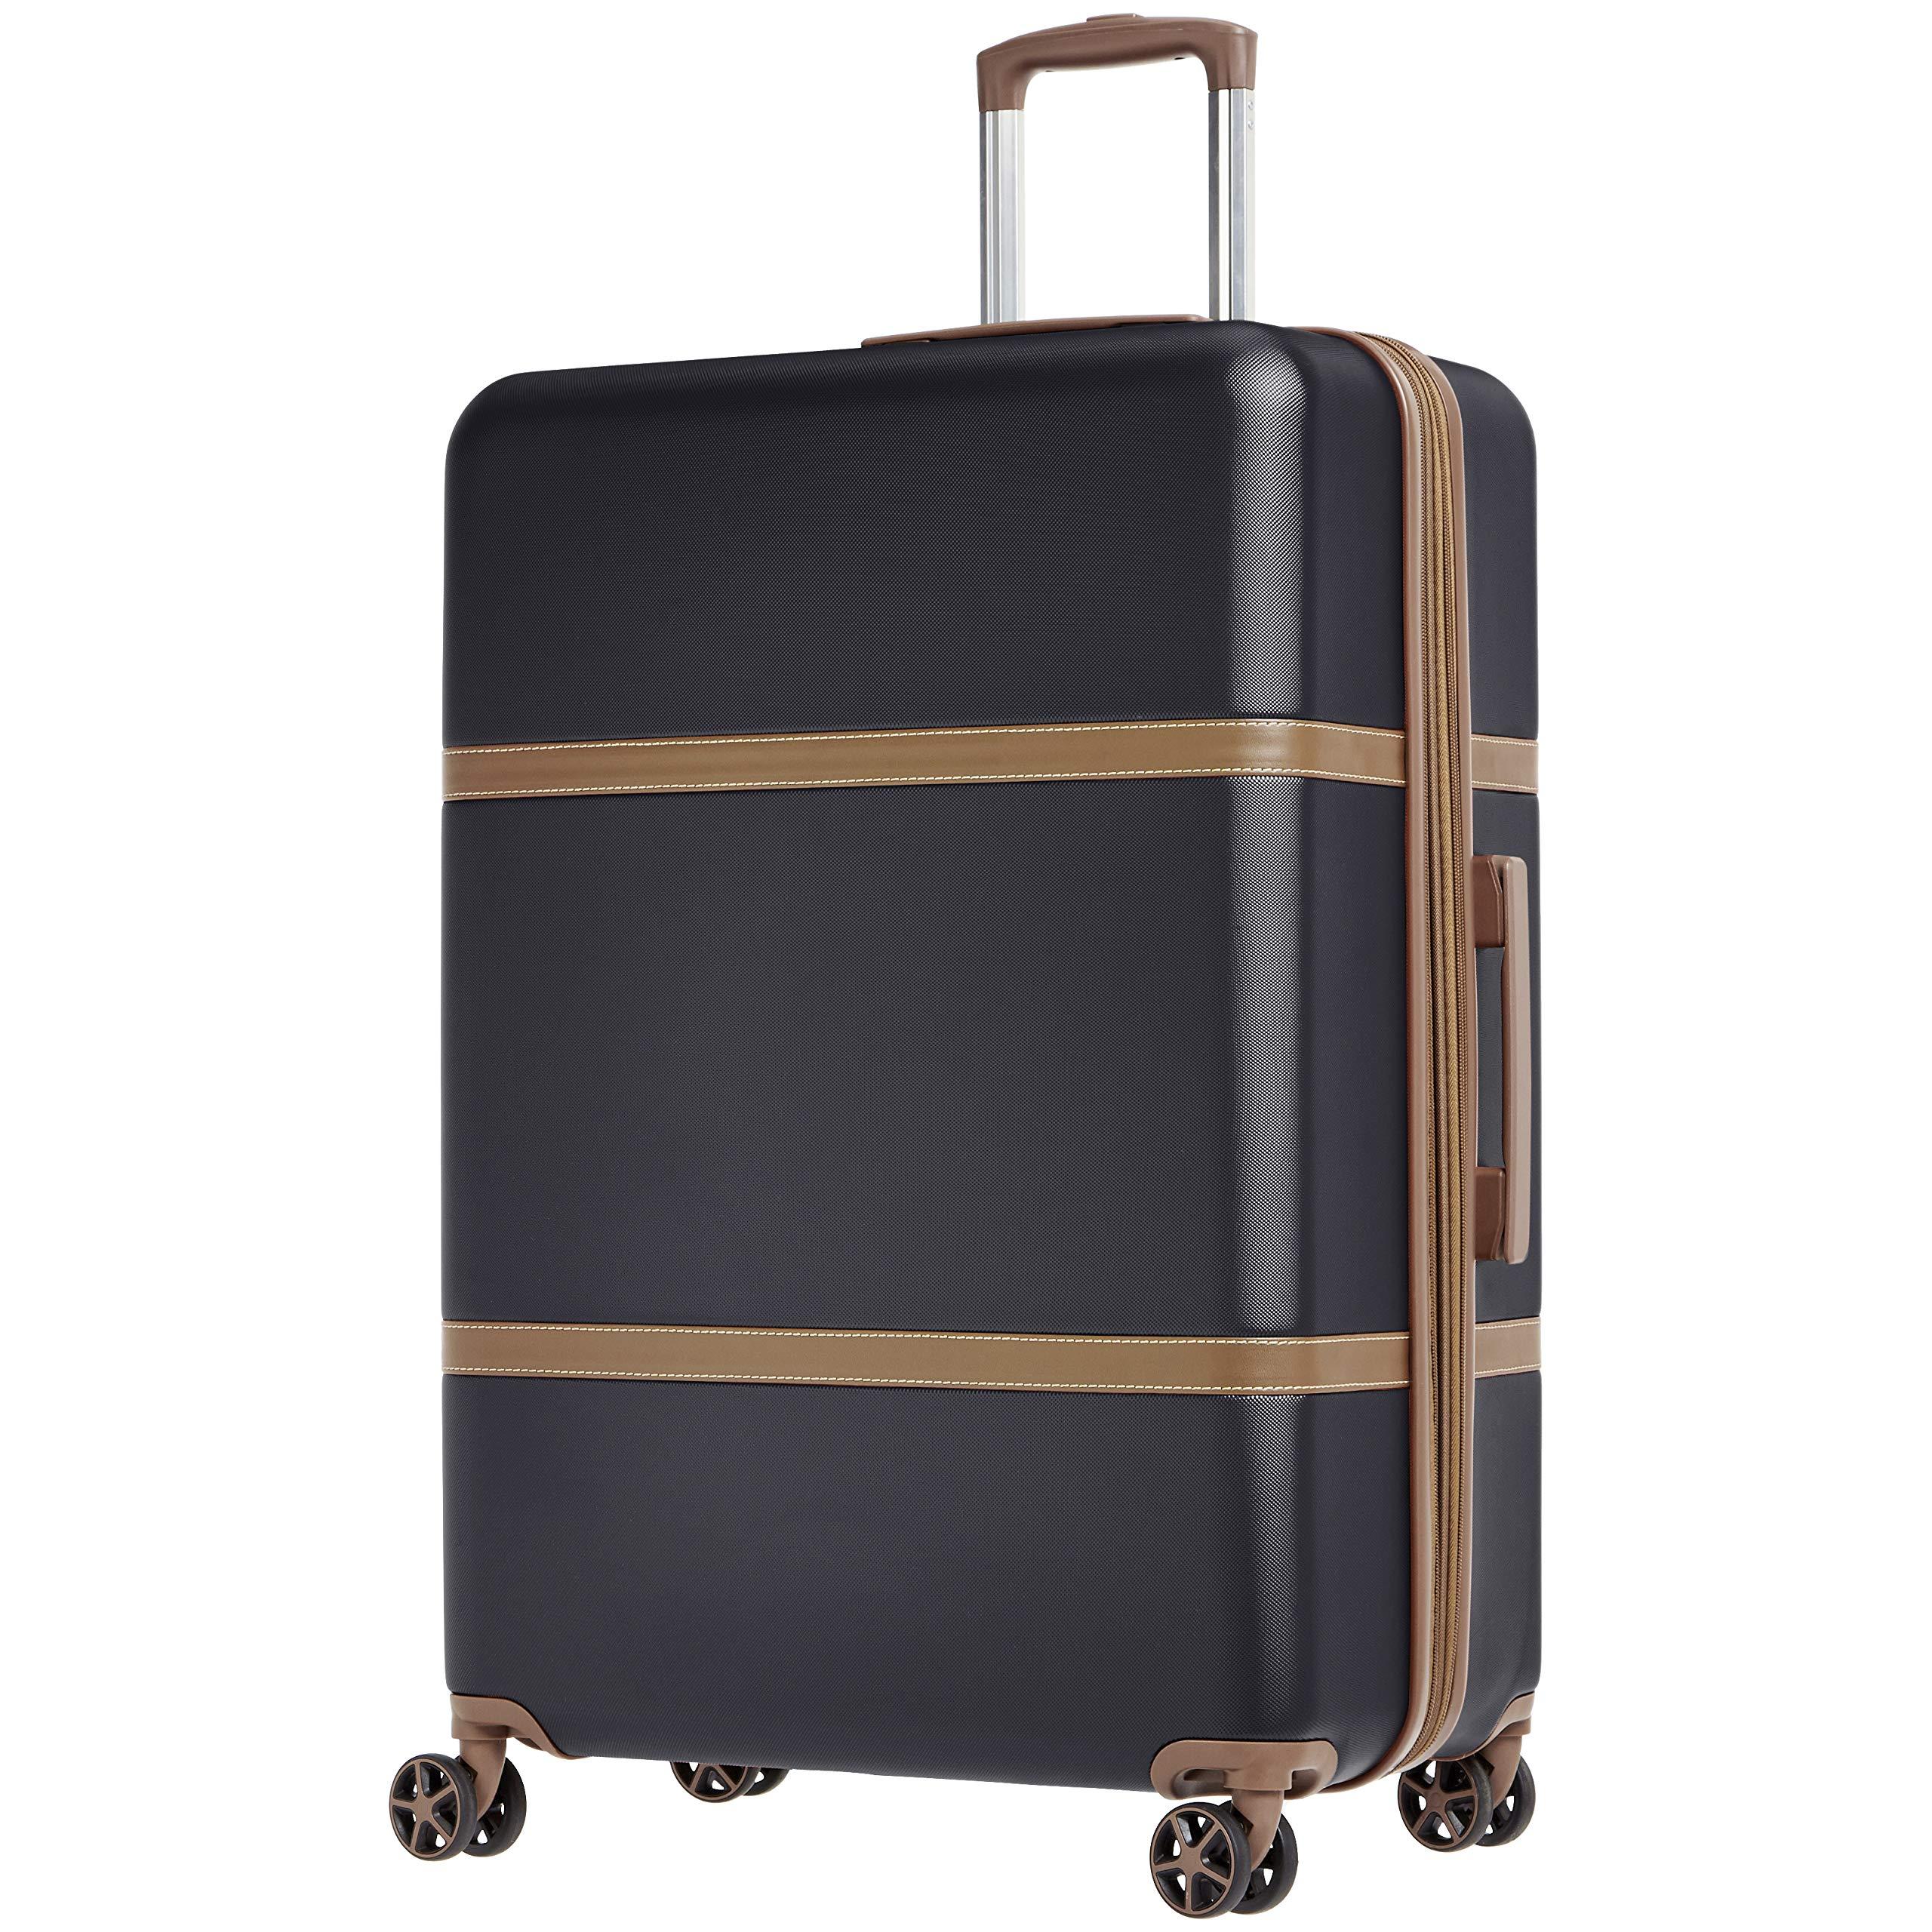 AmazonBasics Vienna Expandable Luggage Spinner Suitcase - 28 Inch, Black by AmazonBasics